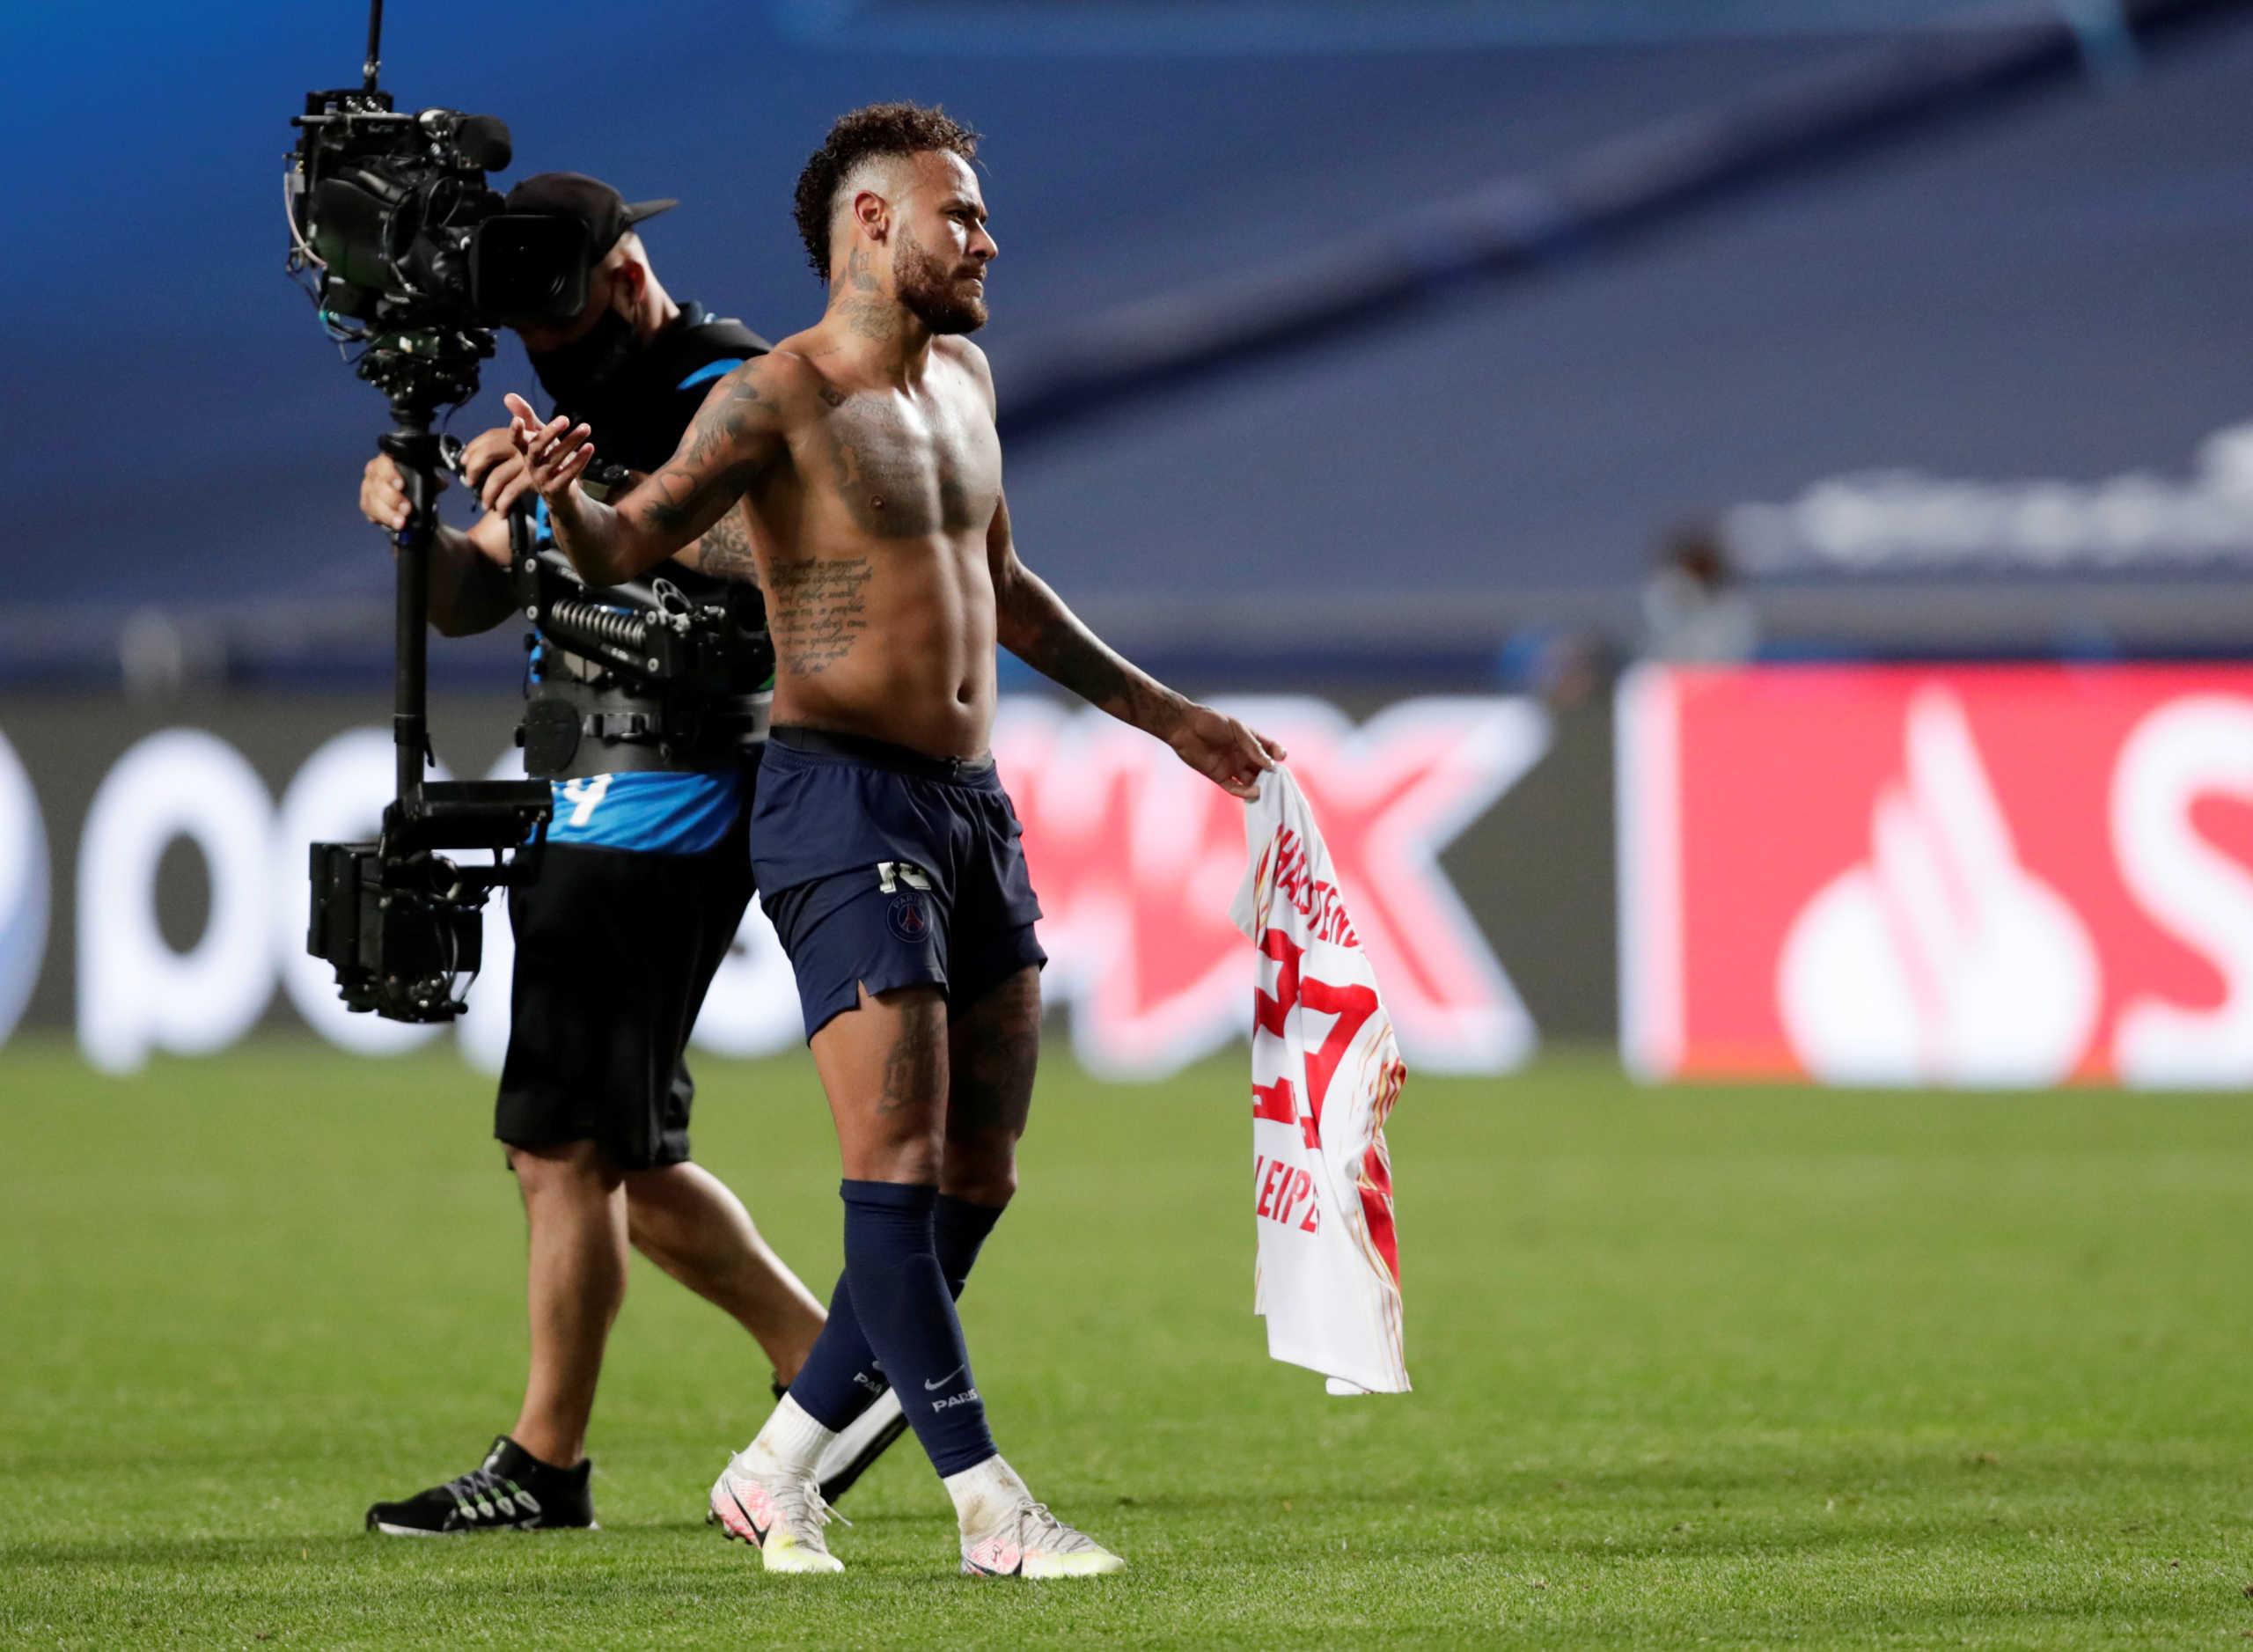 """Ο Νεϊμάρ κινδυνεύει να μείνει εκτός τελικού του Champions League – Το """"παραθυράκι"""" που υπάρχει"""